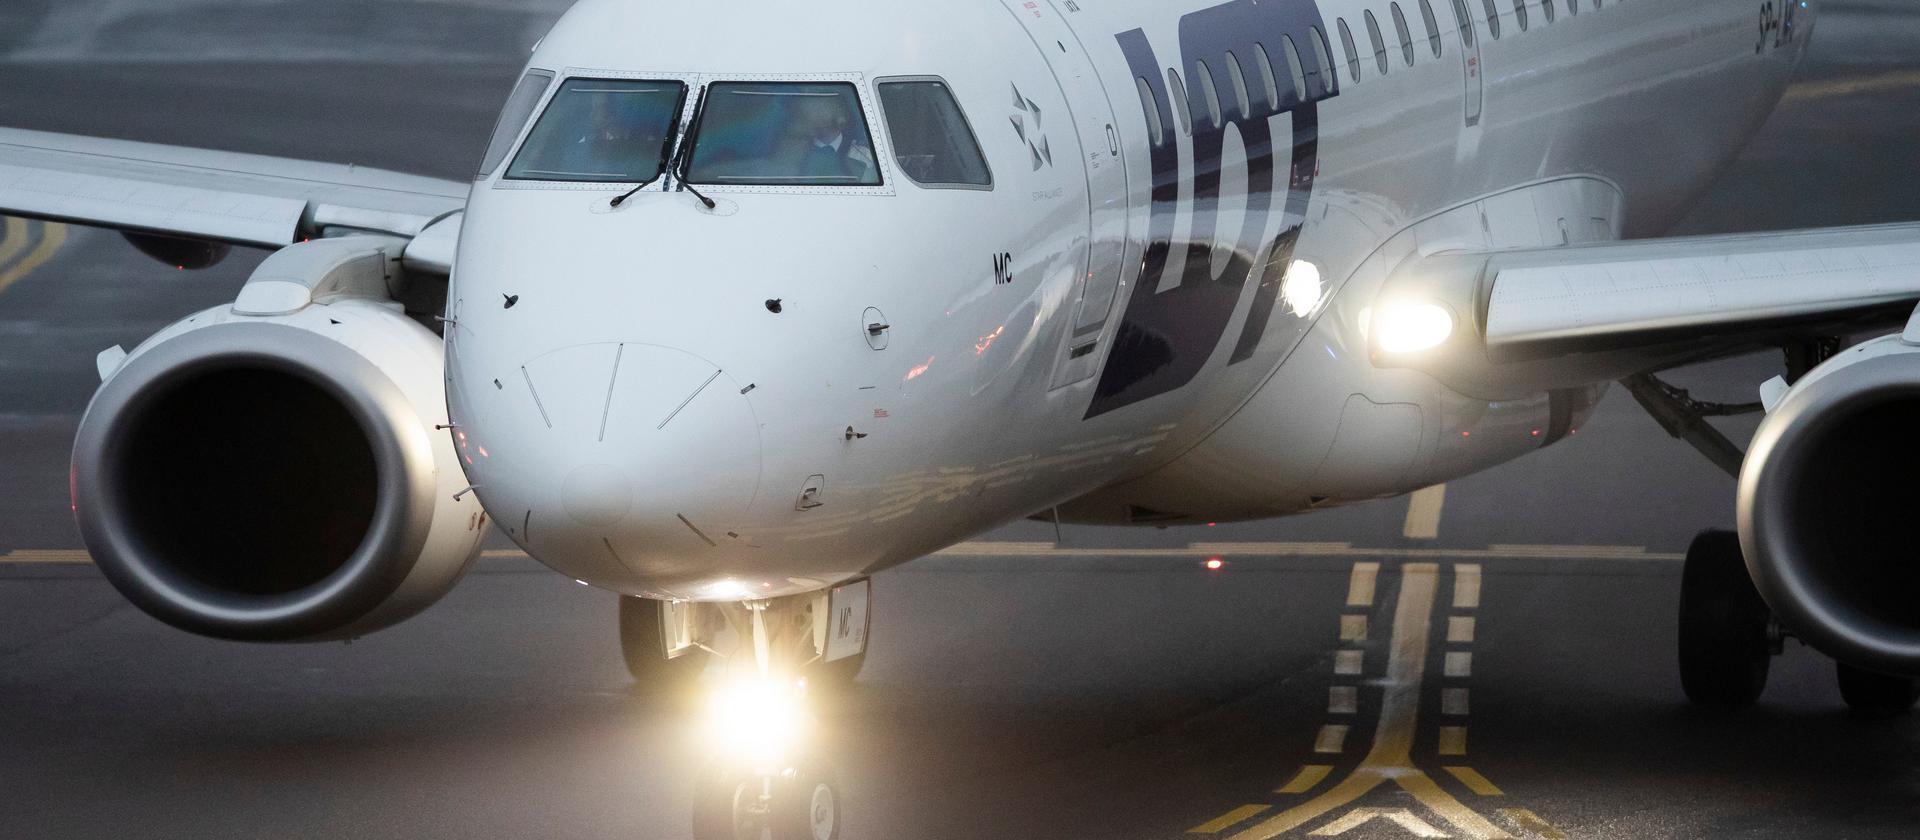 Rewolucja w lataniu? Prezes LOT-u: nie wierzę w samolot elektryczny w najbliższej przyszłości